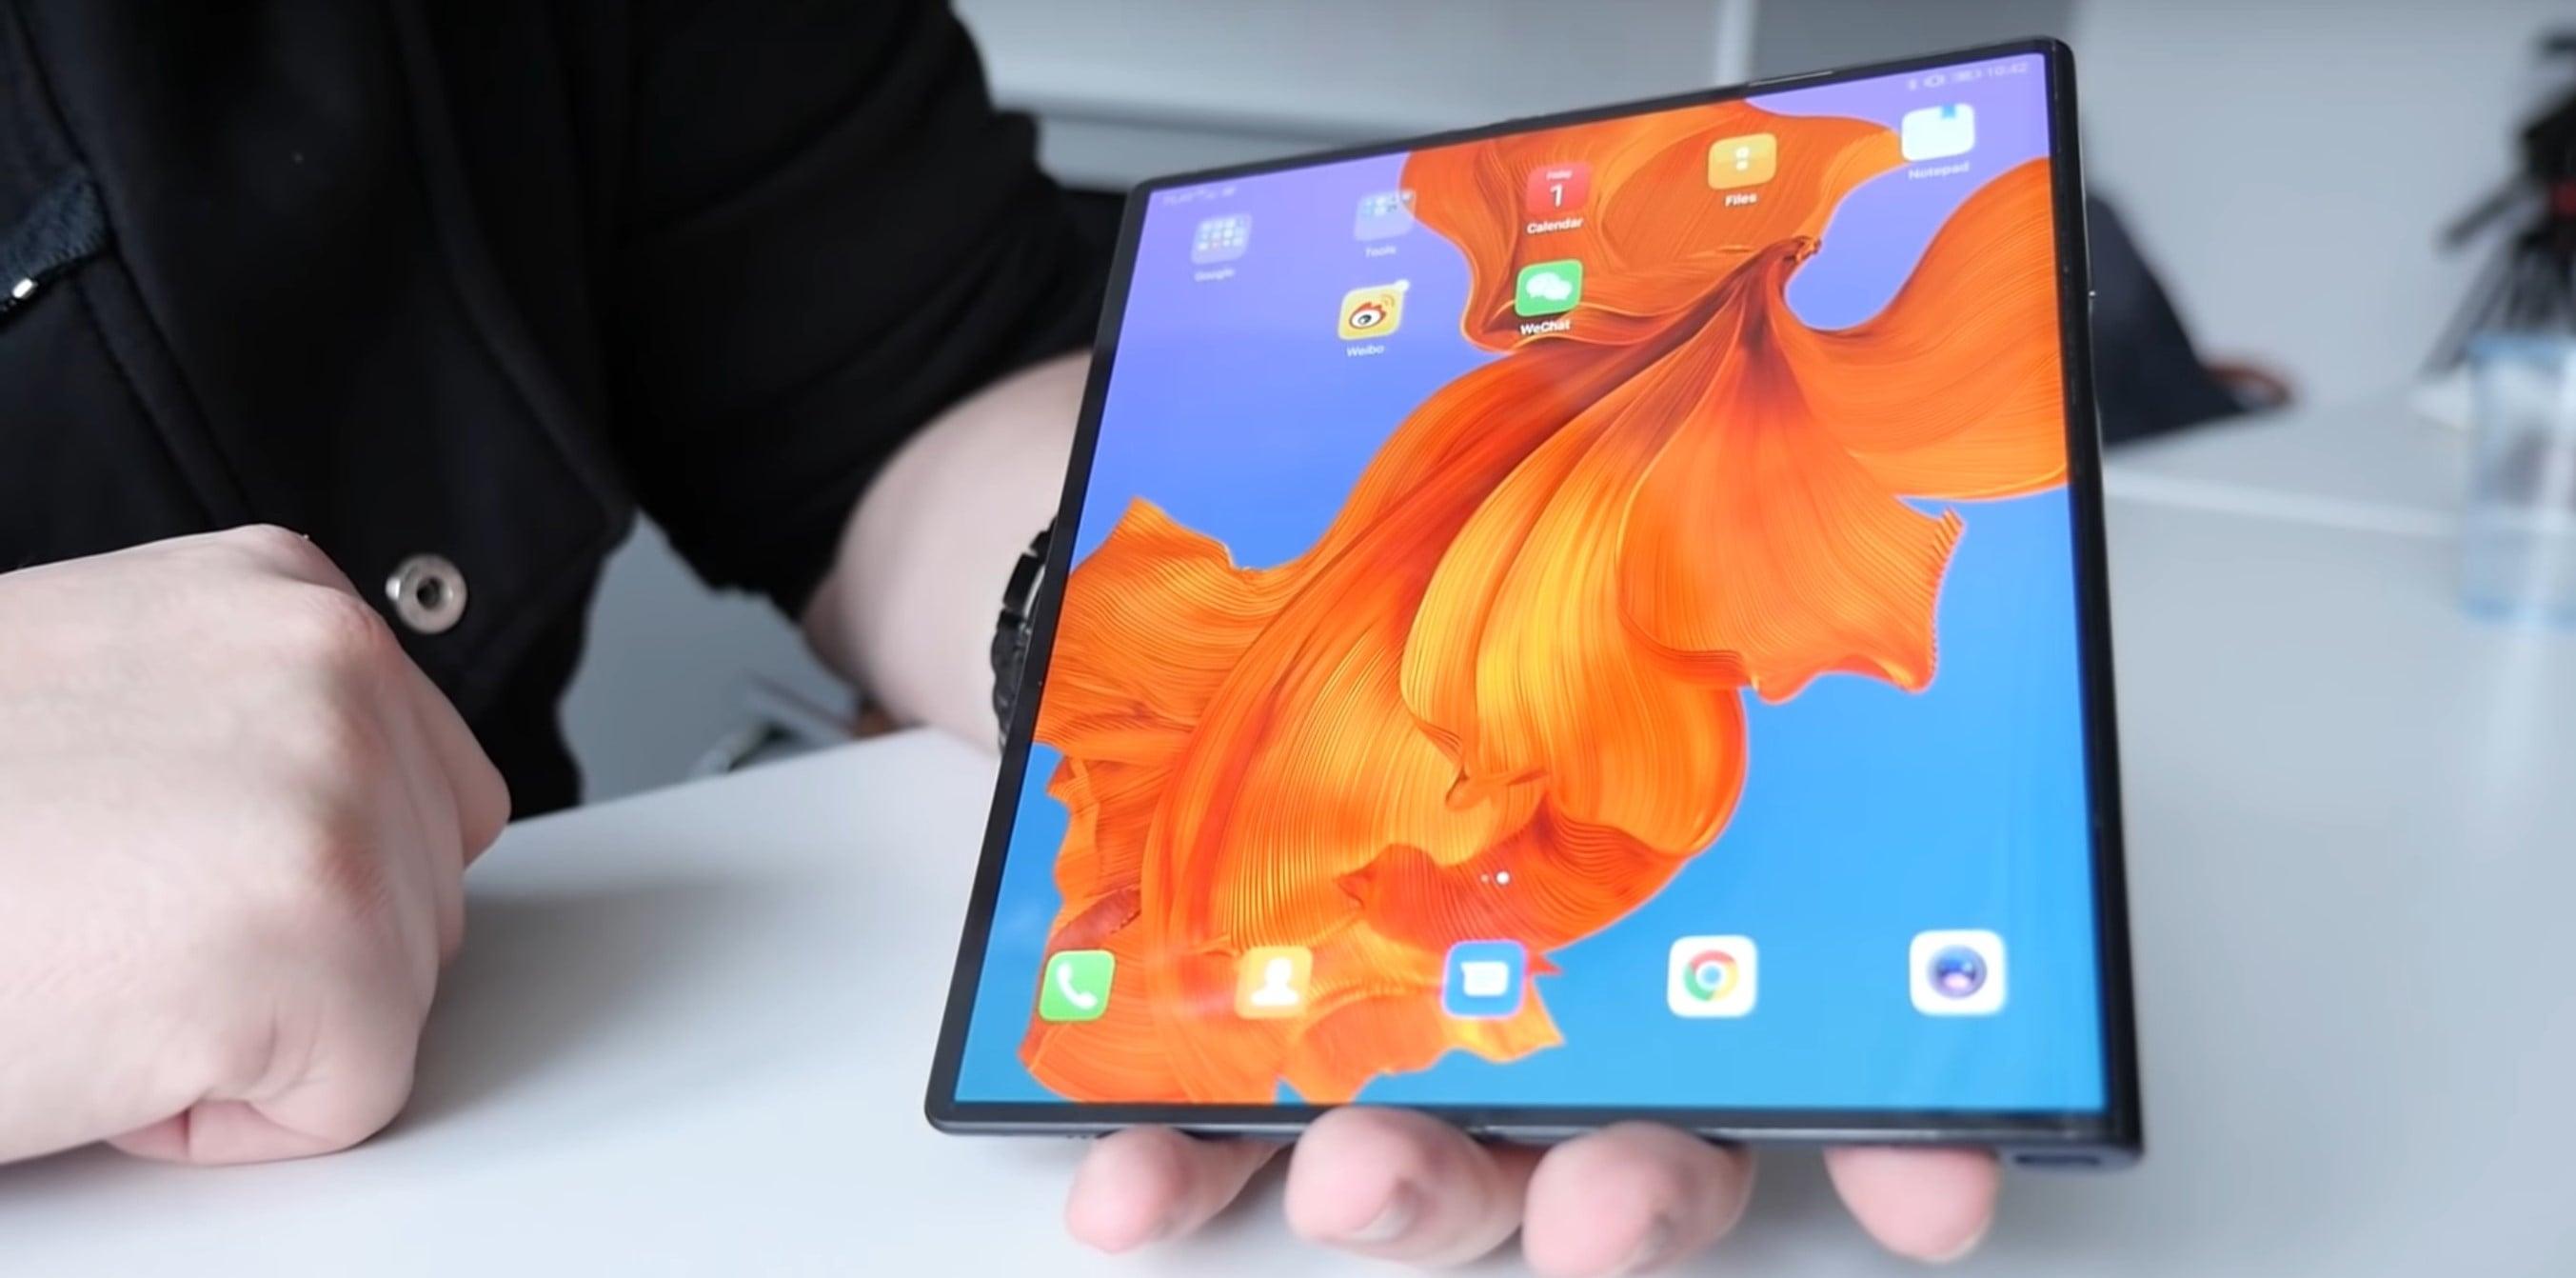 Uwierzysz, że Huawei nic nie zarabia na smartfonie za 10 tysięcy złotych?